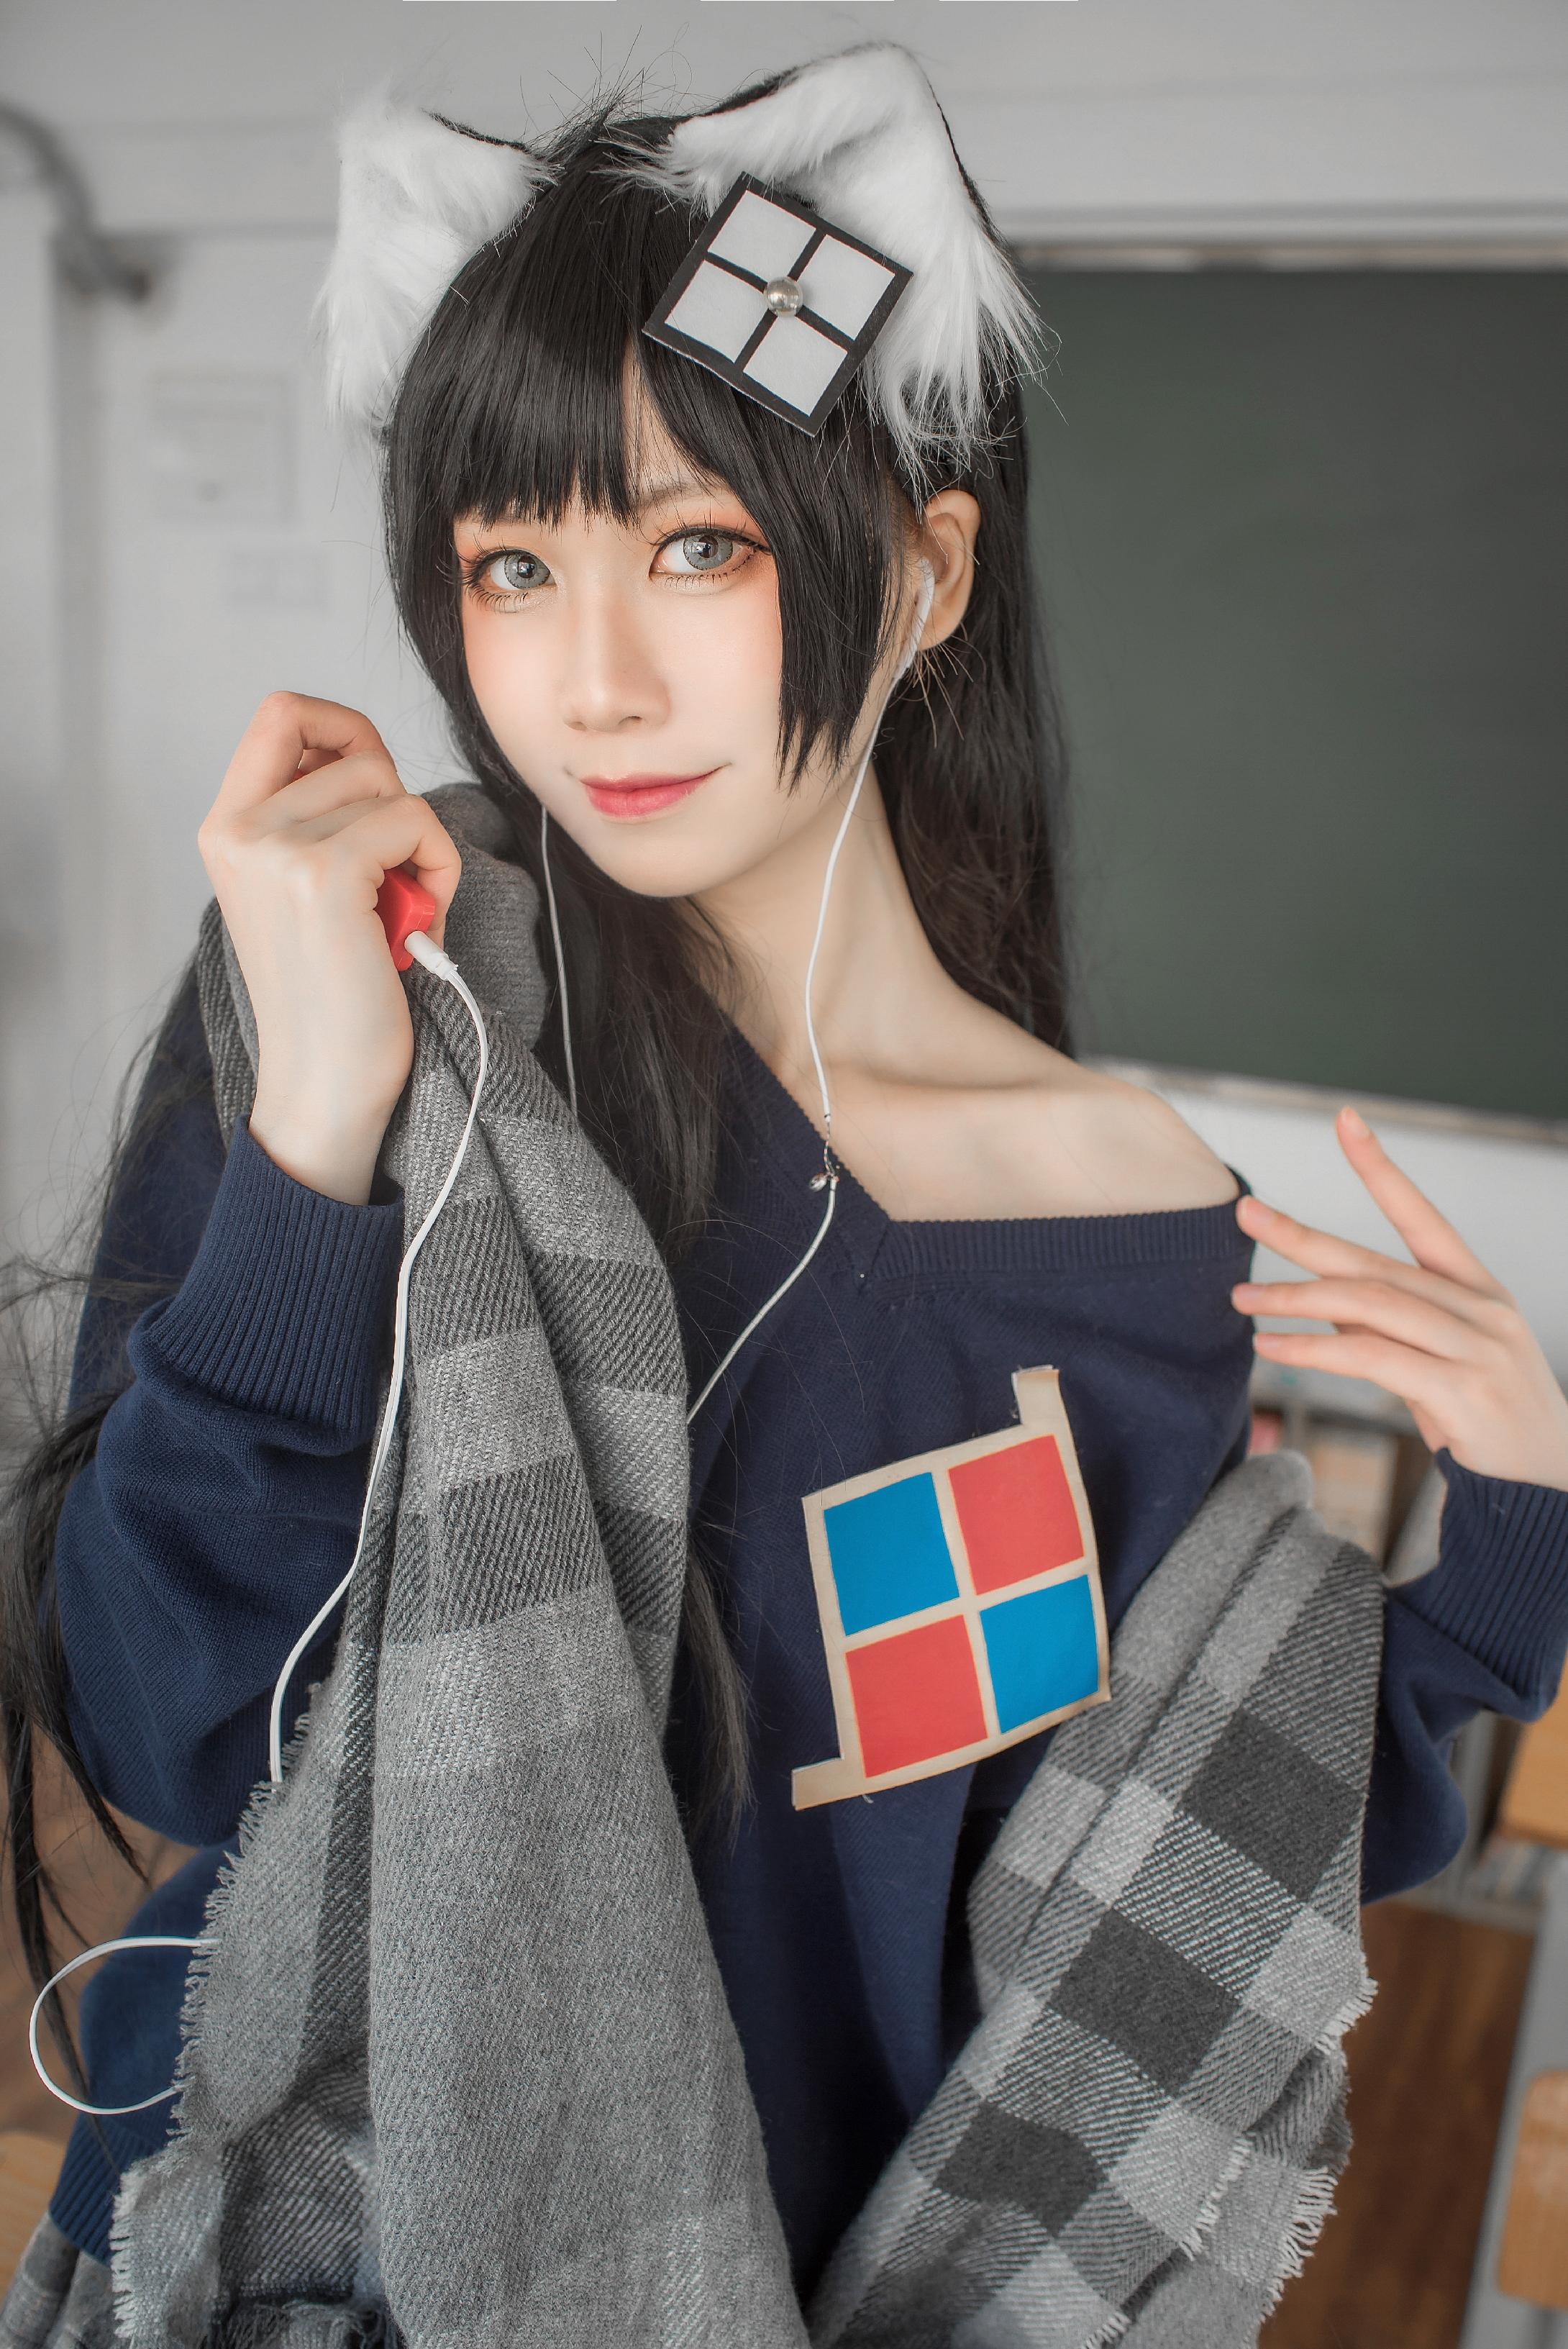 izumi泉桃子 纯白毕业季主题COS作品分享-觅爱图